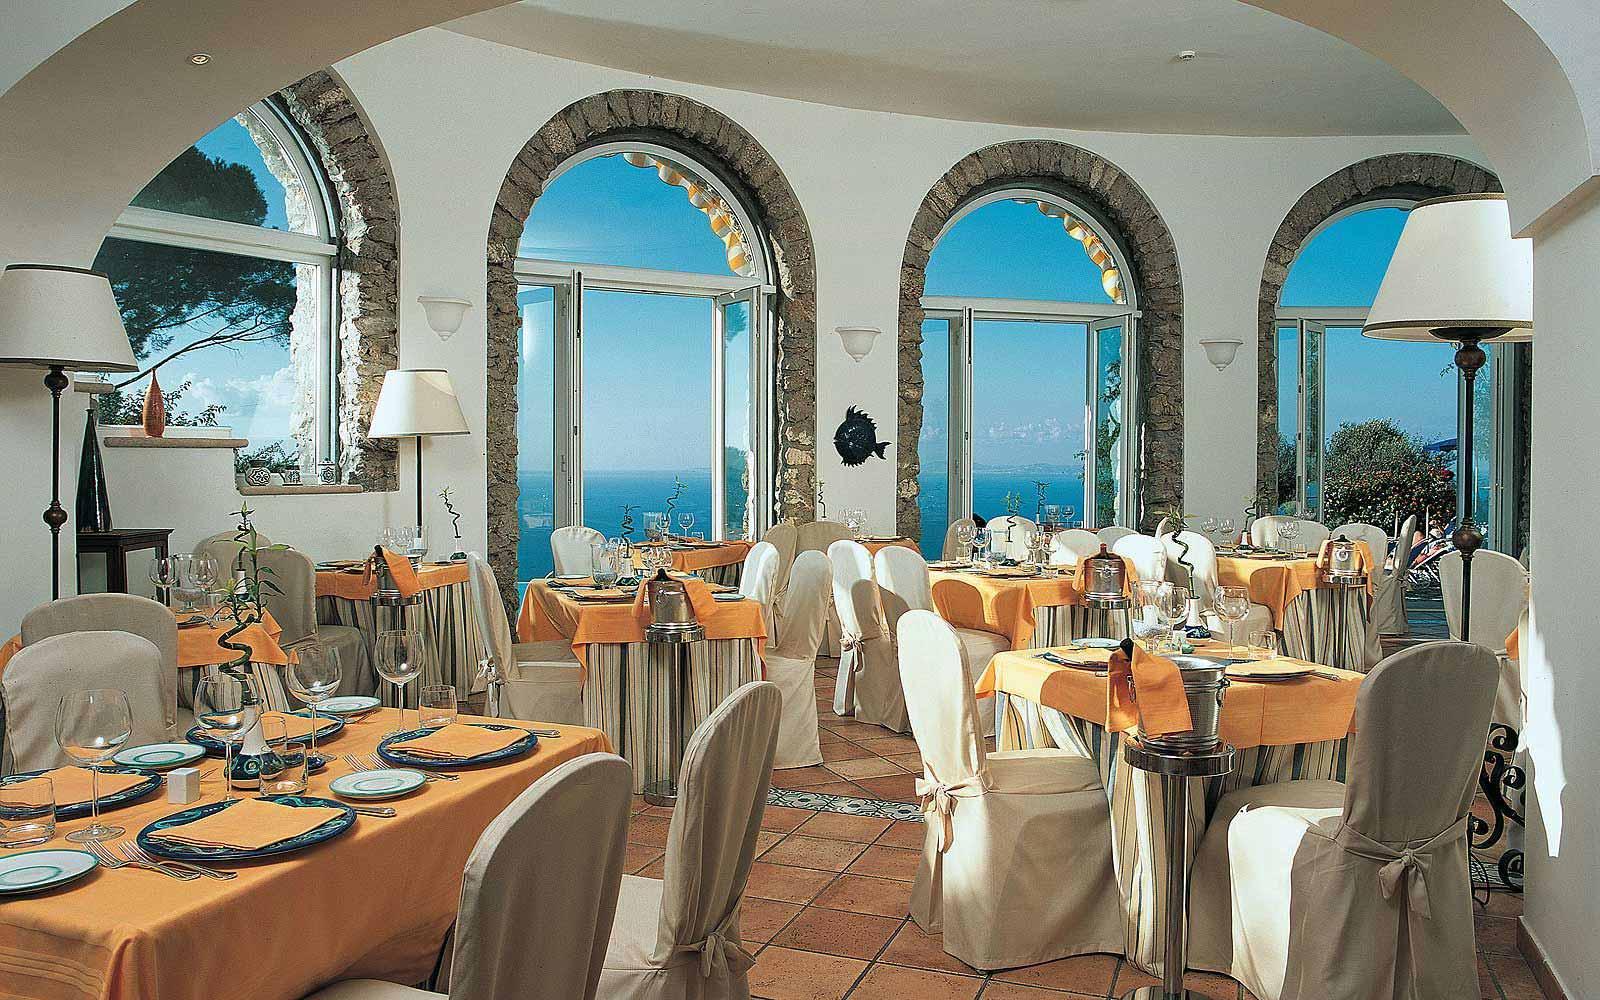 Restaurant at Hotel Caesar Augustus